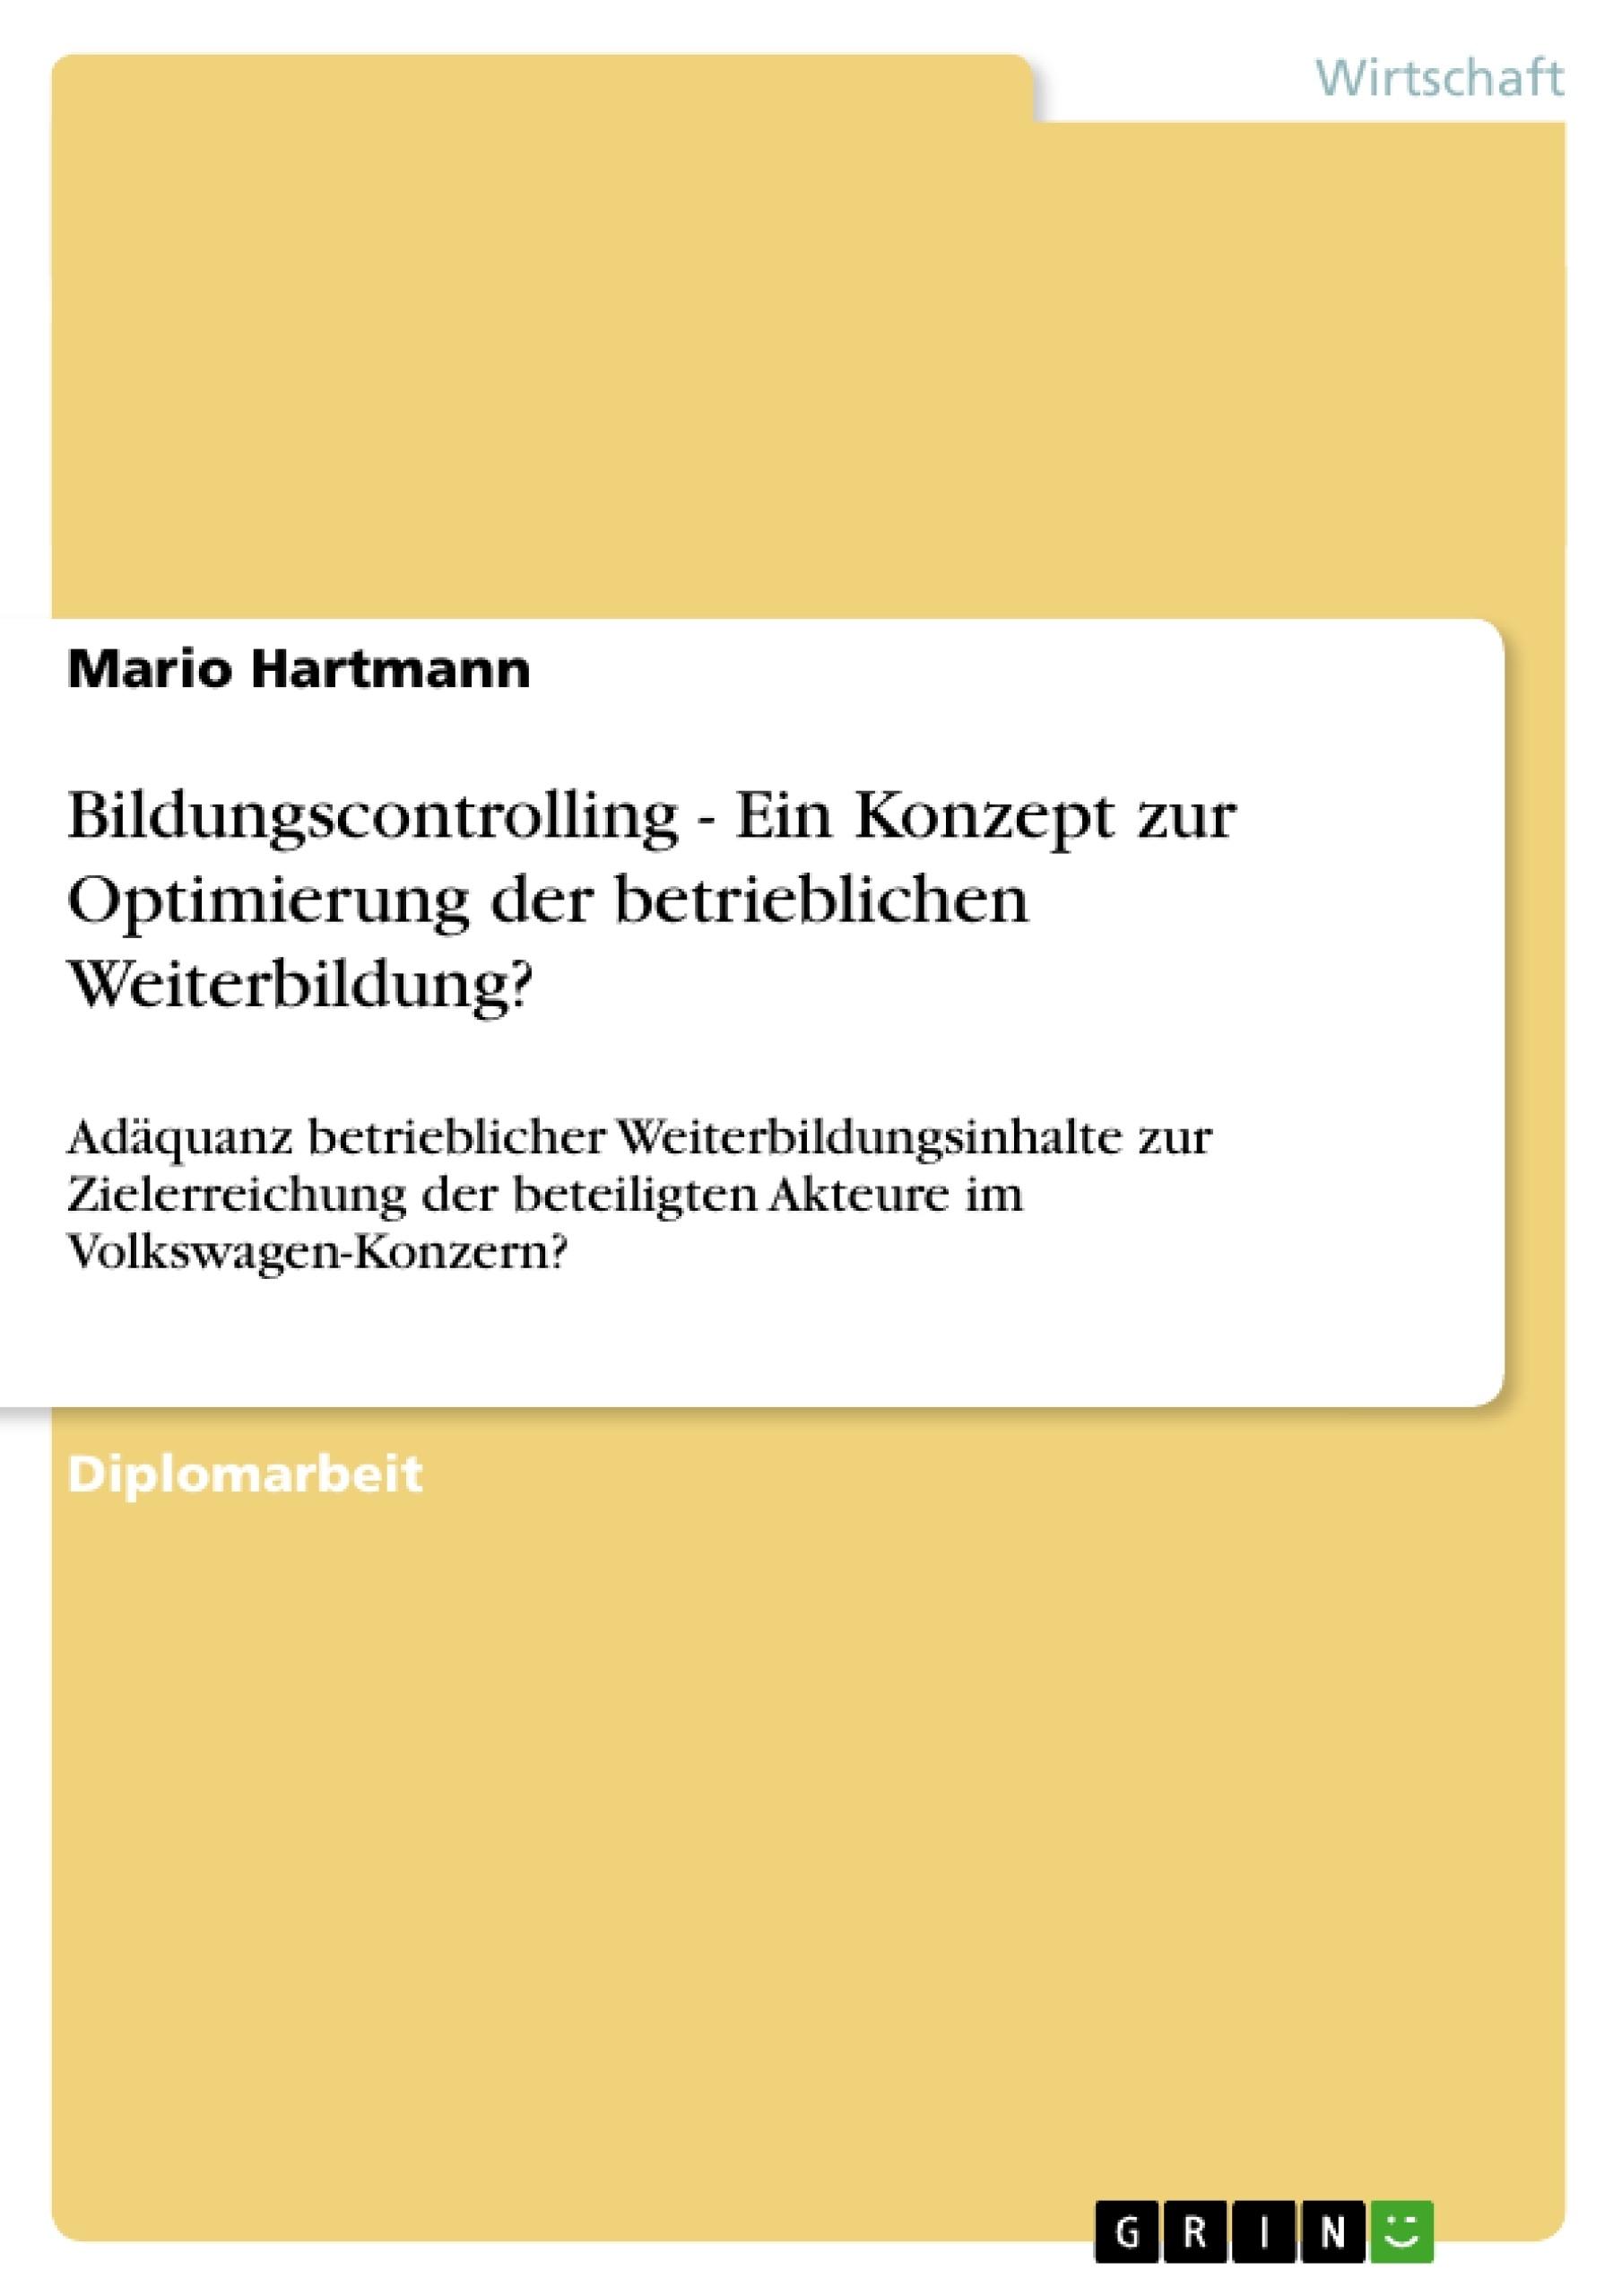 Titel: Bildungscontrolling - Ein Konzept zur Optimierung der betrieblichen Weiterbildung?